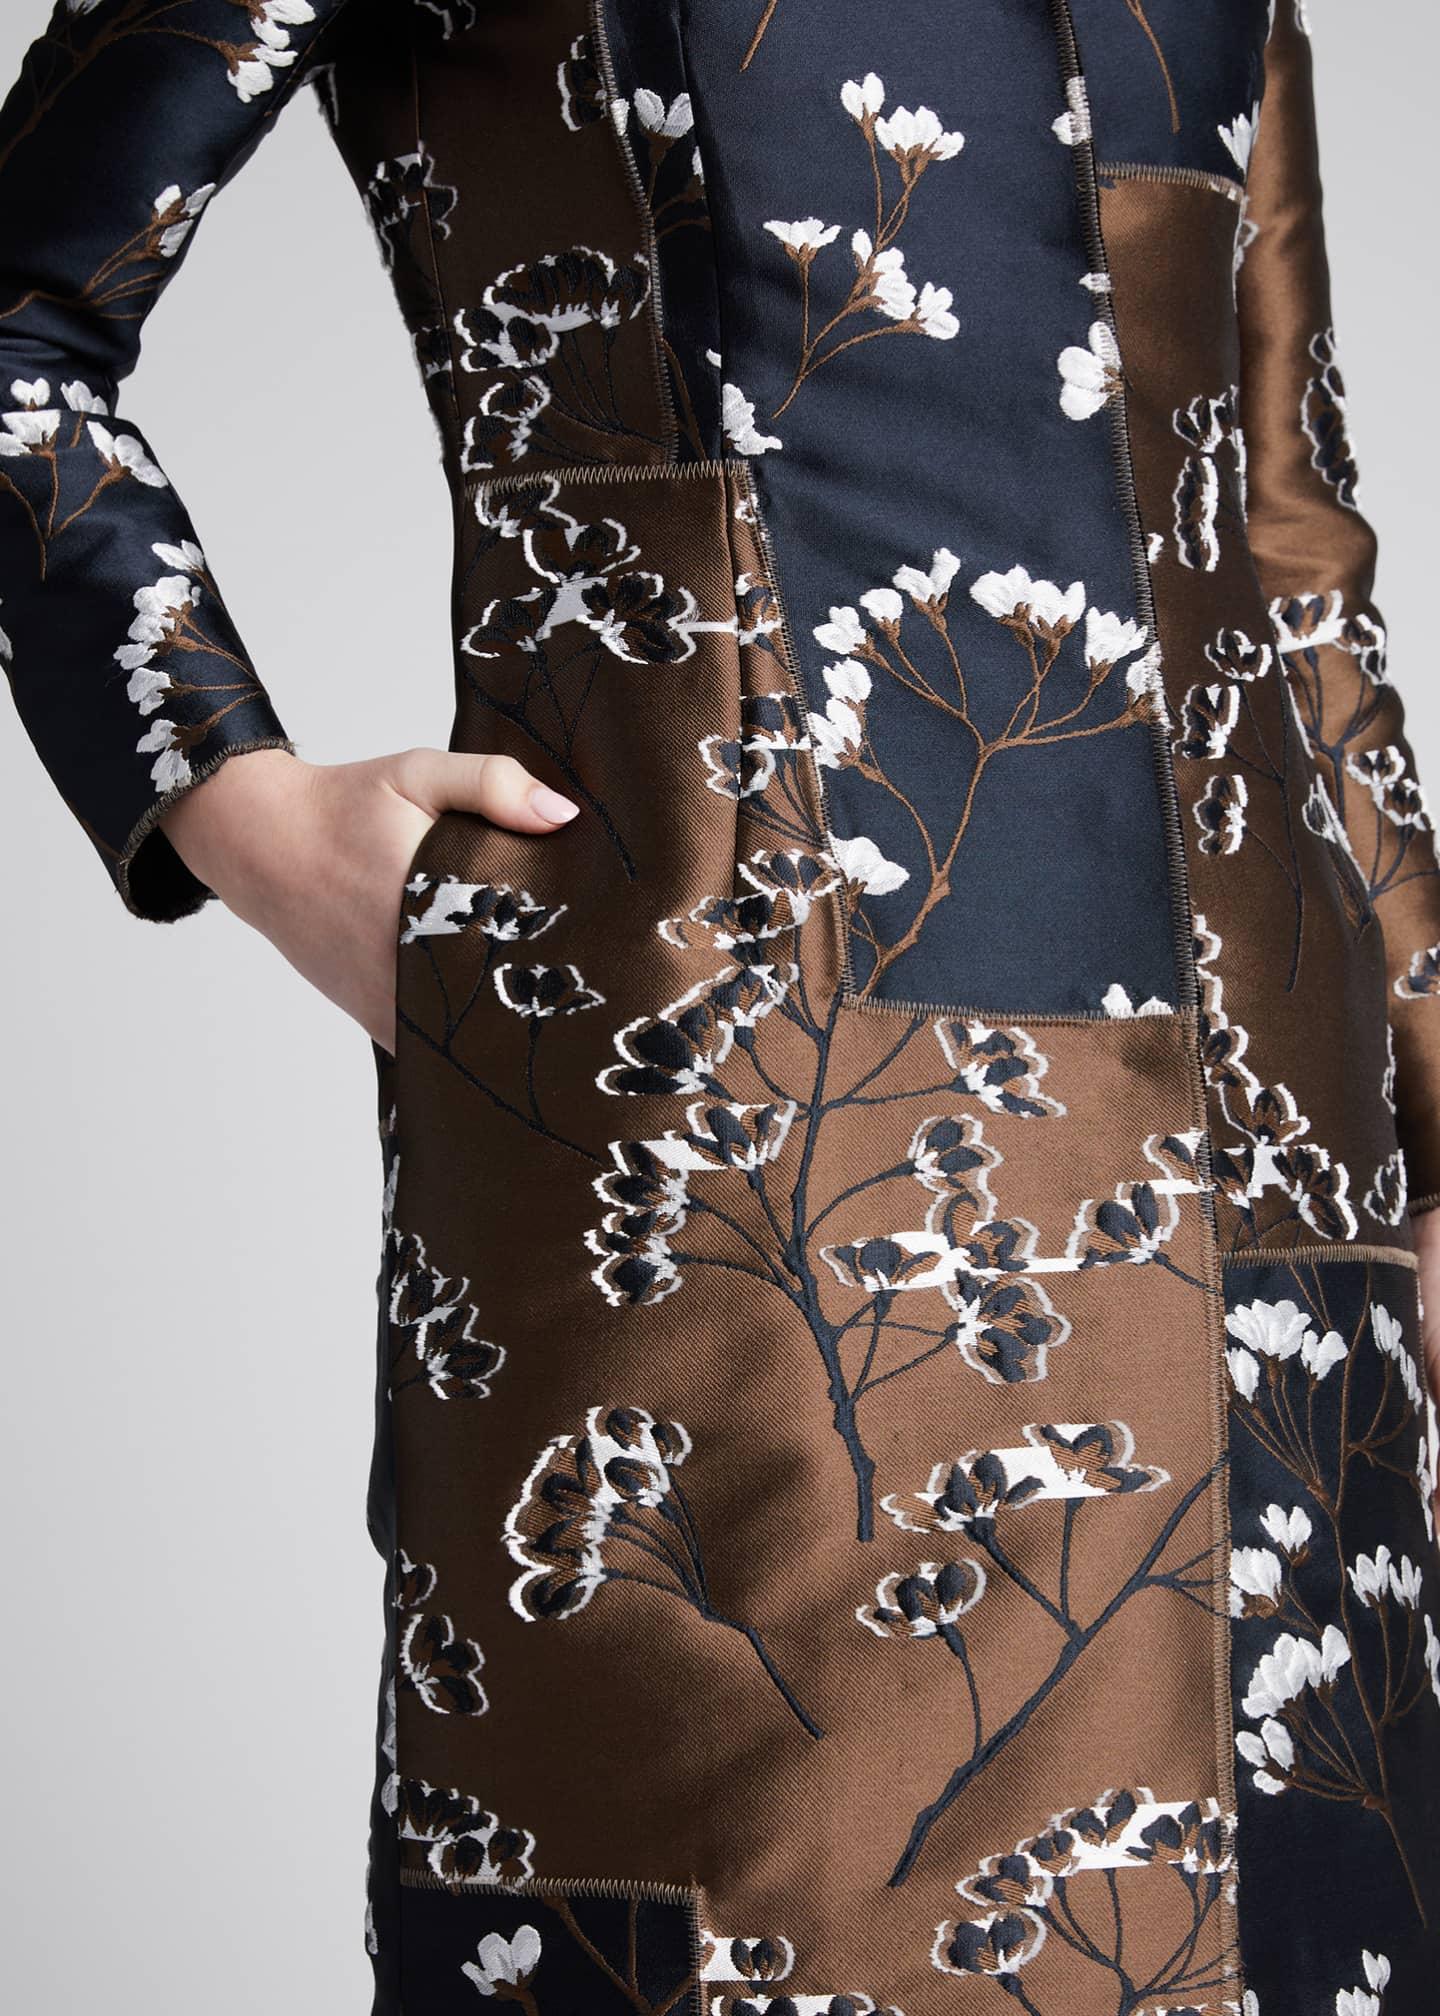 Oscar de la Renta Floral Patchwork-Taffeta Coat - Bergdorf ...